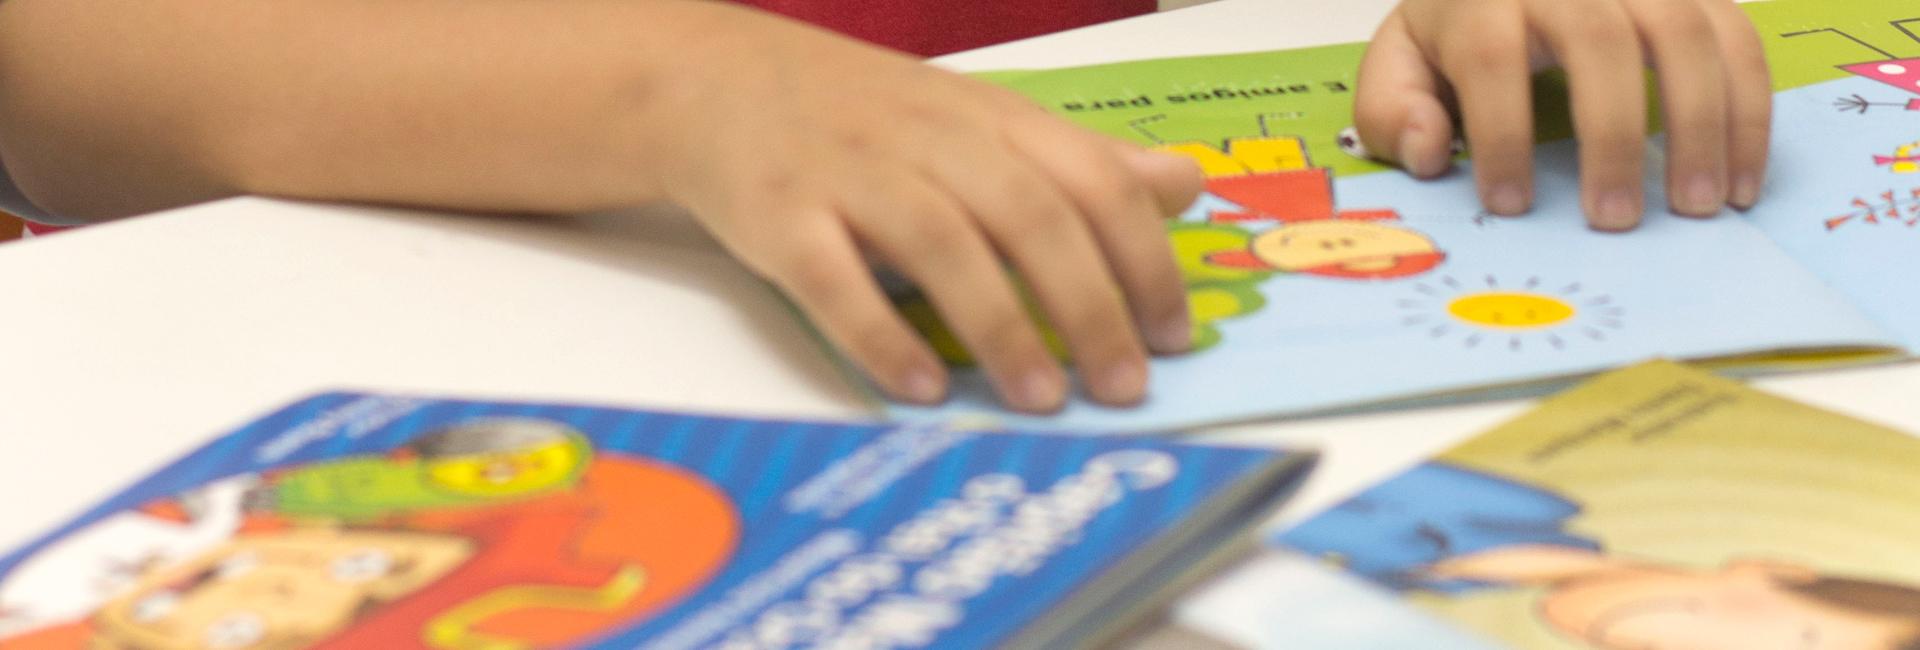 Foto das mãos de uma criança lendo um livro em braile, ao redor há mais livros.